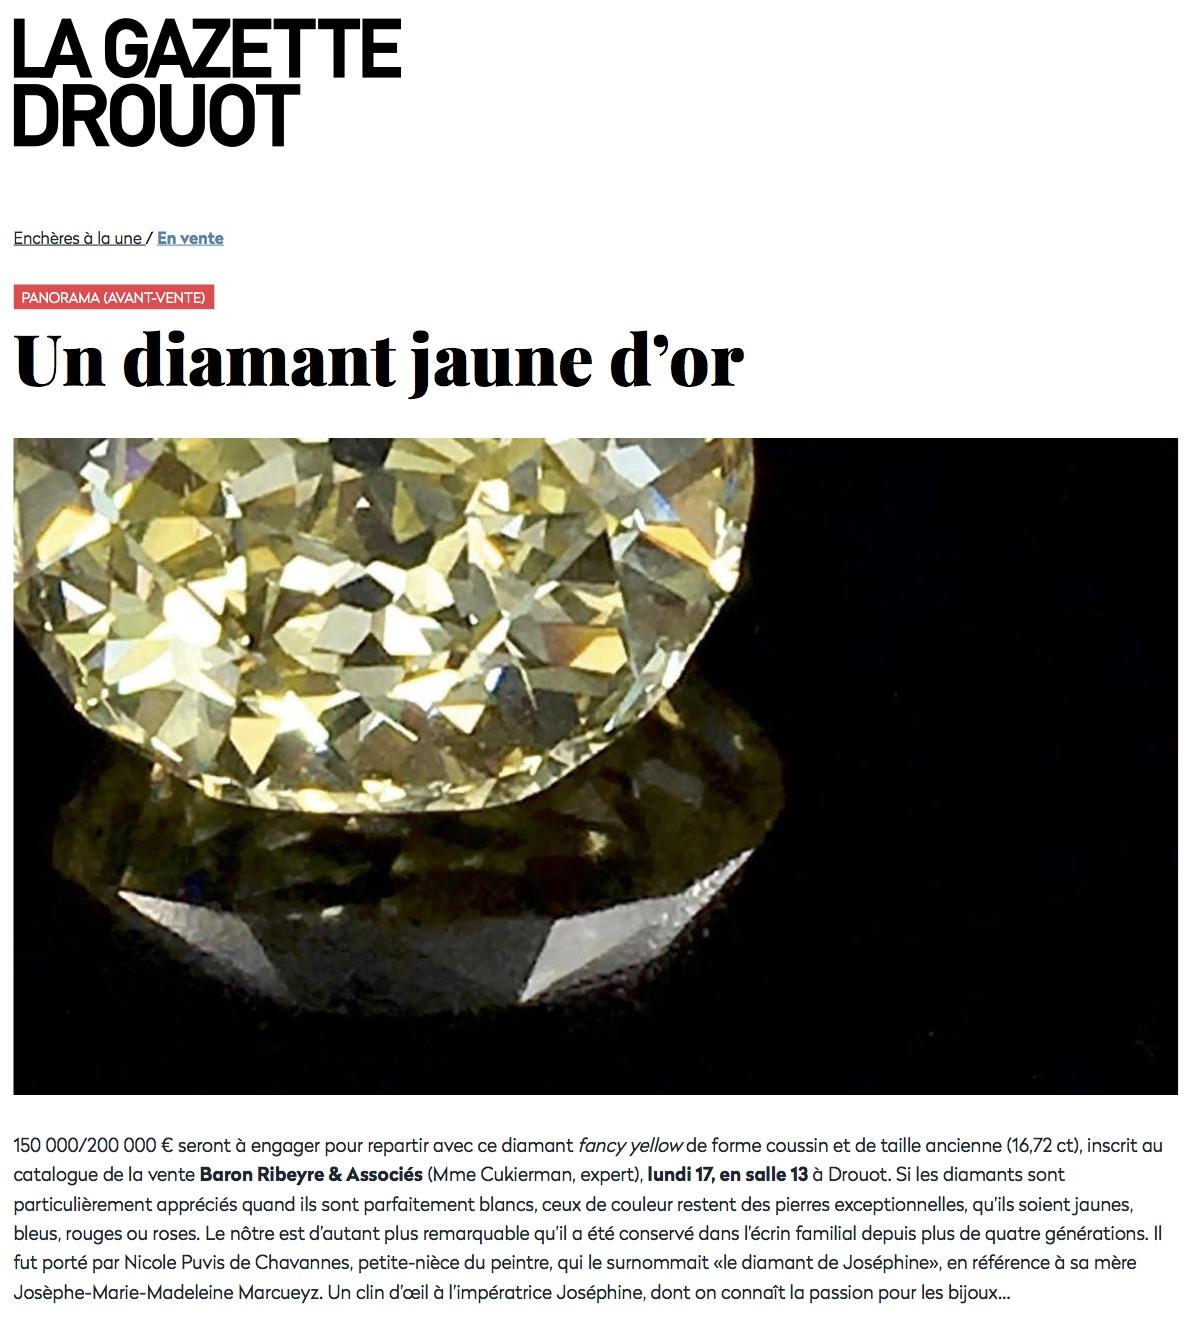 Avant-vente - Un diamant jaune d'or